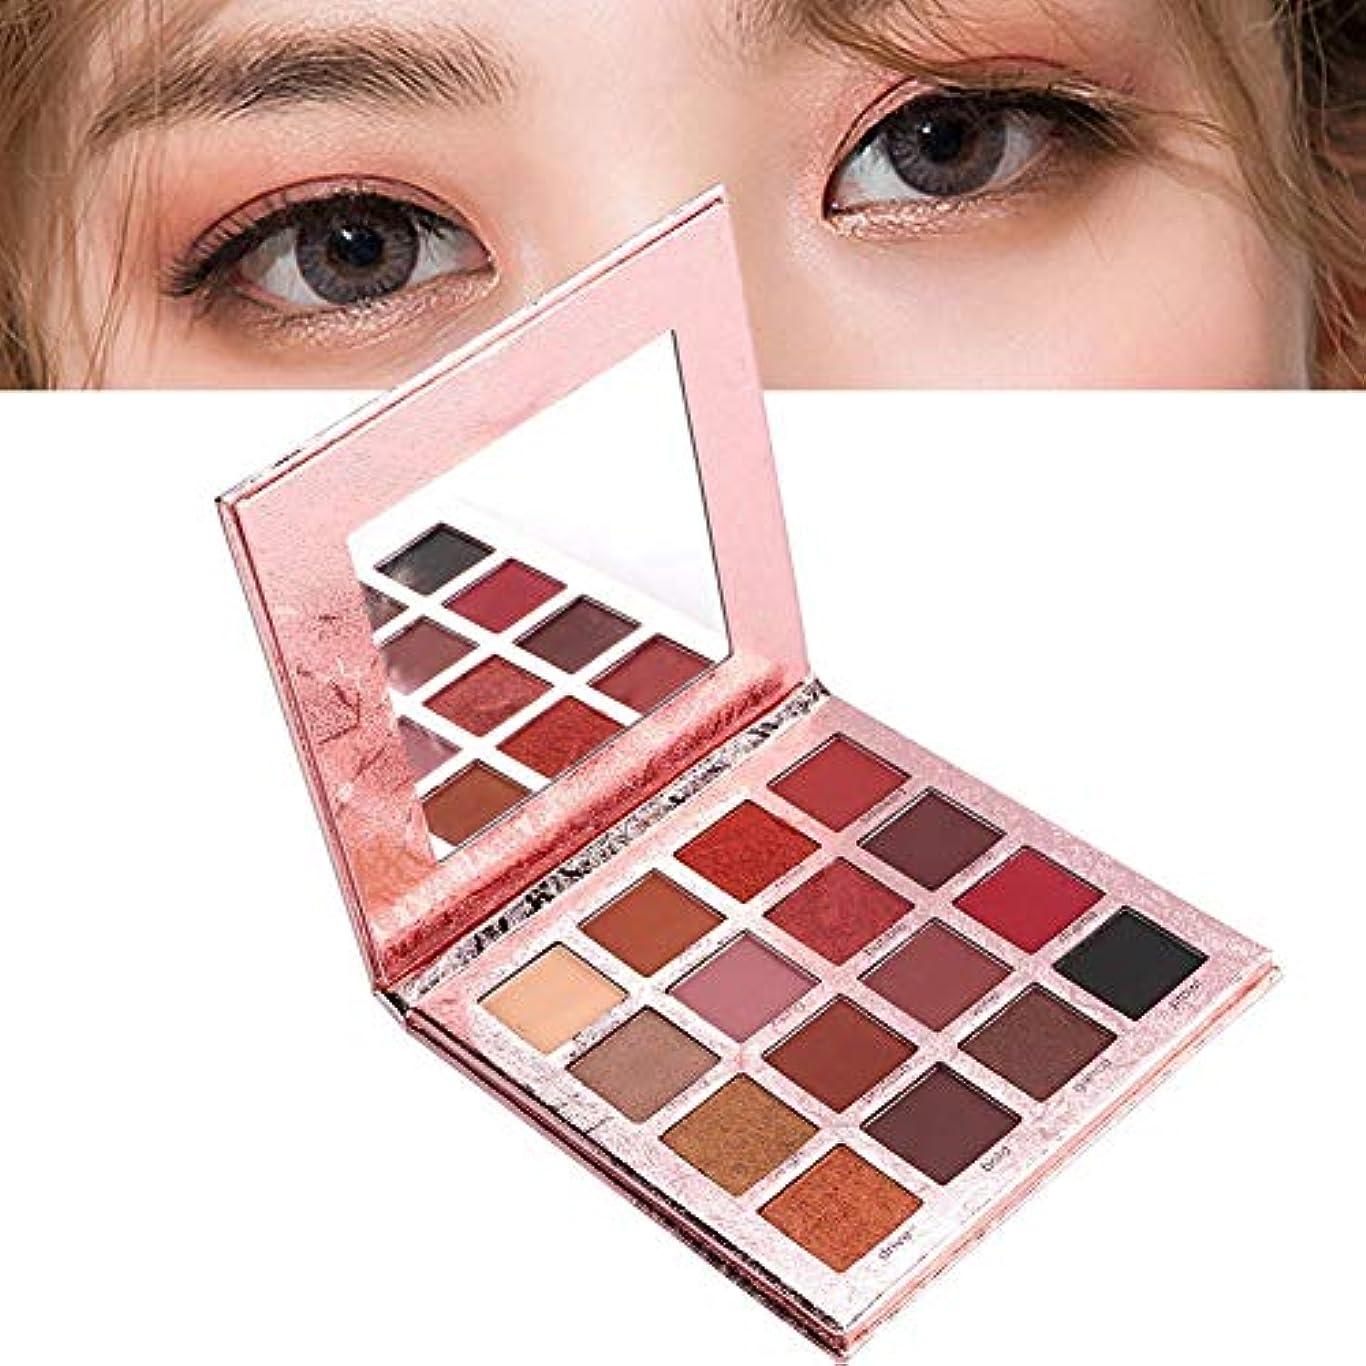 理由キャプチャーヒロイックアイシャドウパレット 16色 化粧マット 化粧品ツール グロス アイシャドウパウダー